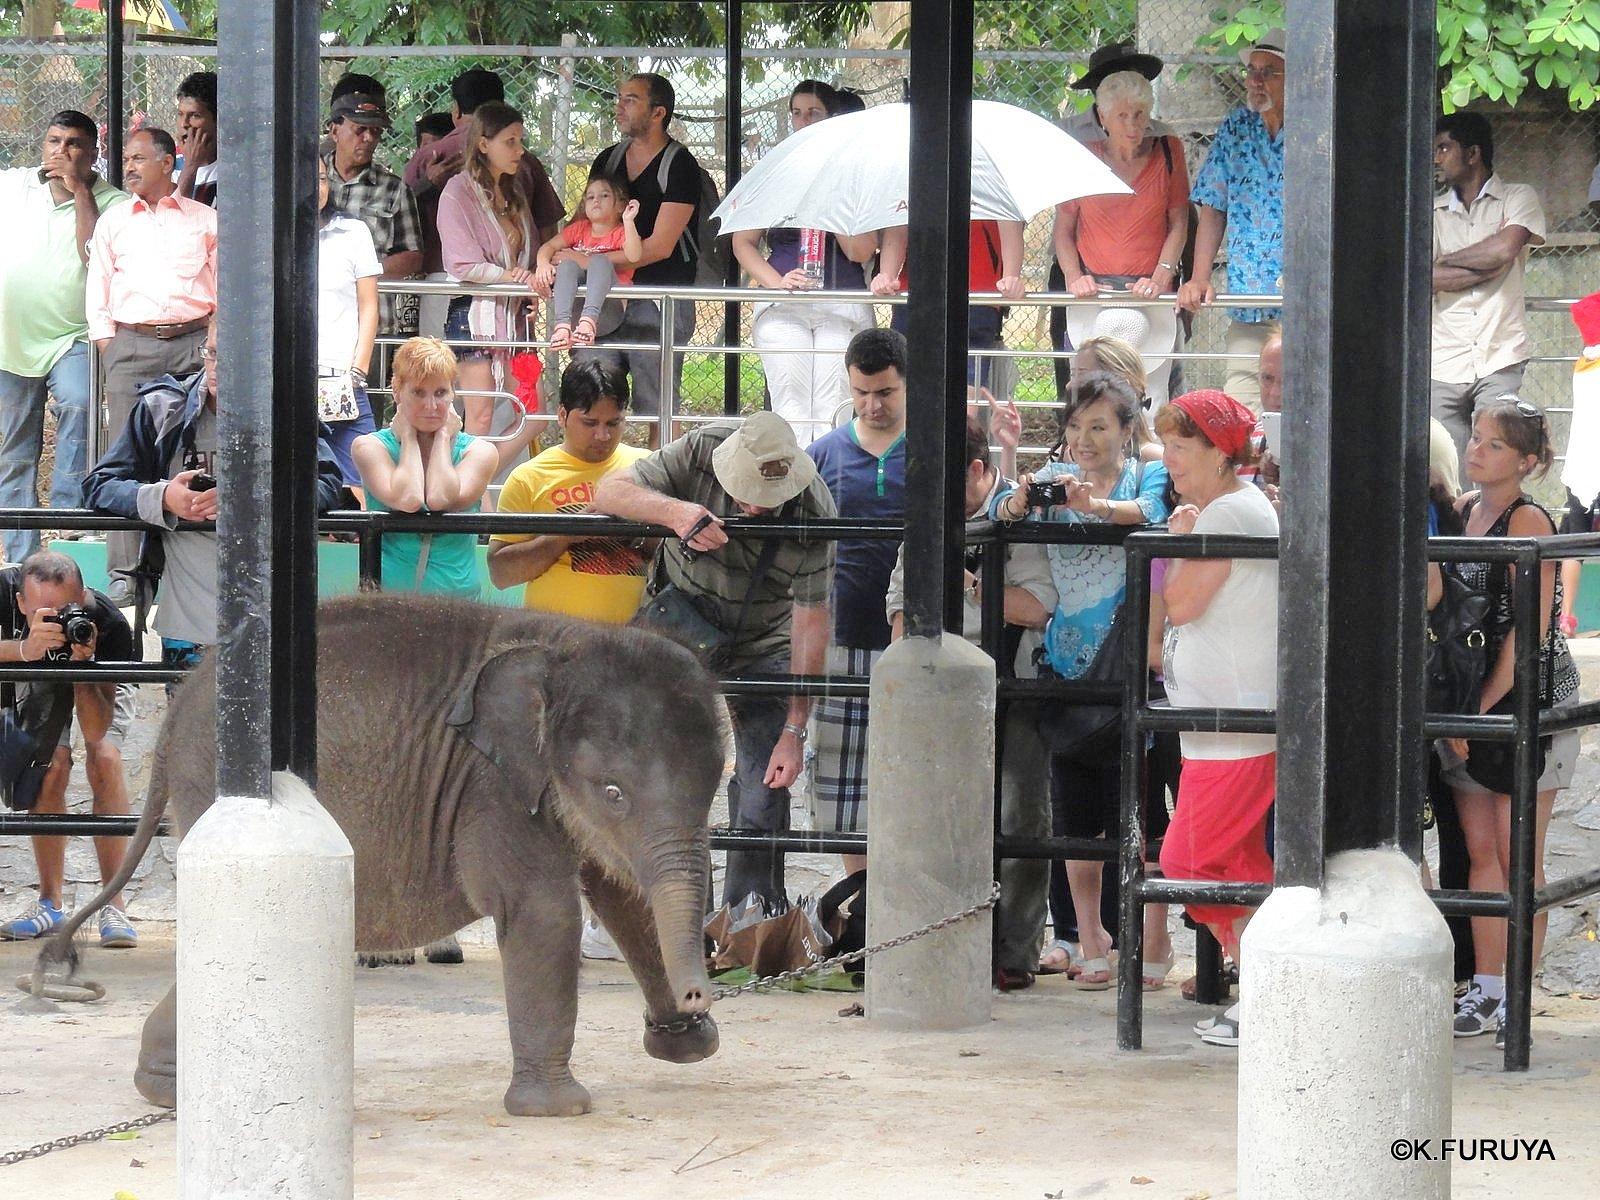 スリランカ旅行記 12 象の孤児院_a0092659_21115250.jpg